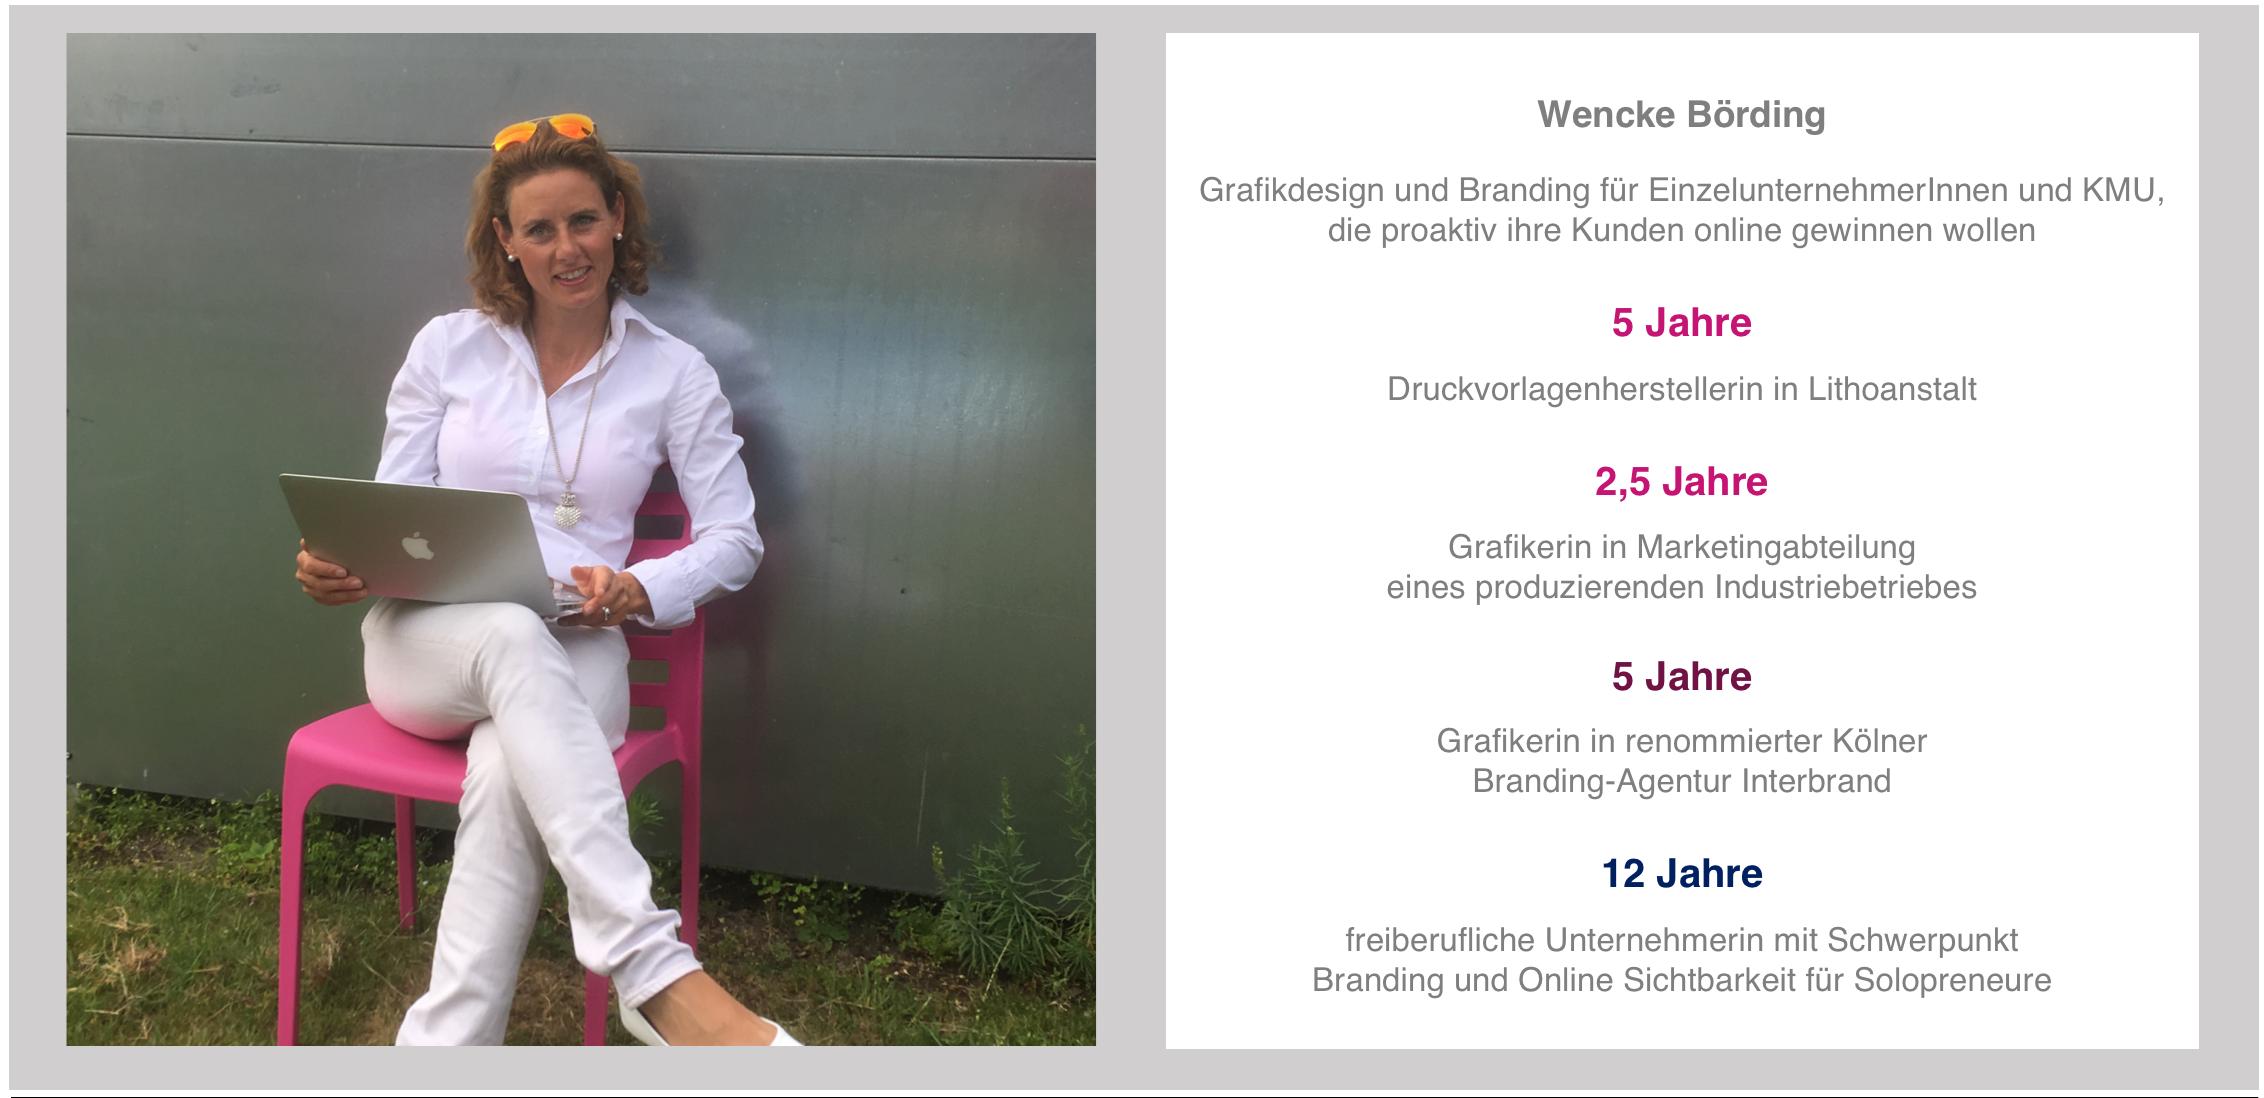 dieMarkenmacher.in | Grafikdesignerin Wencke Börding